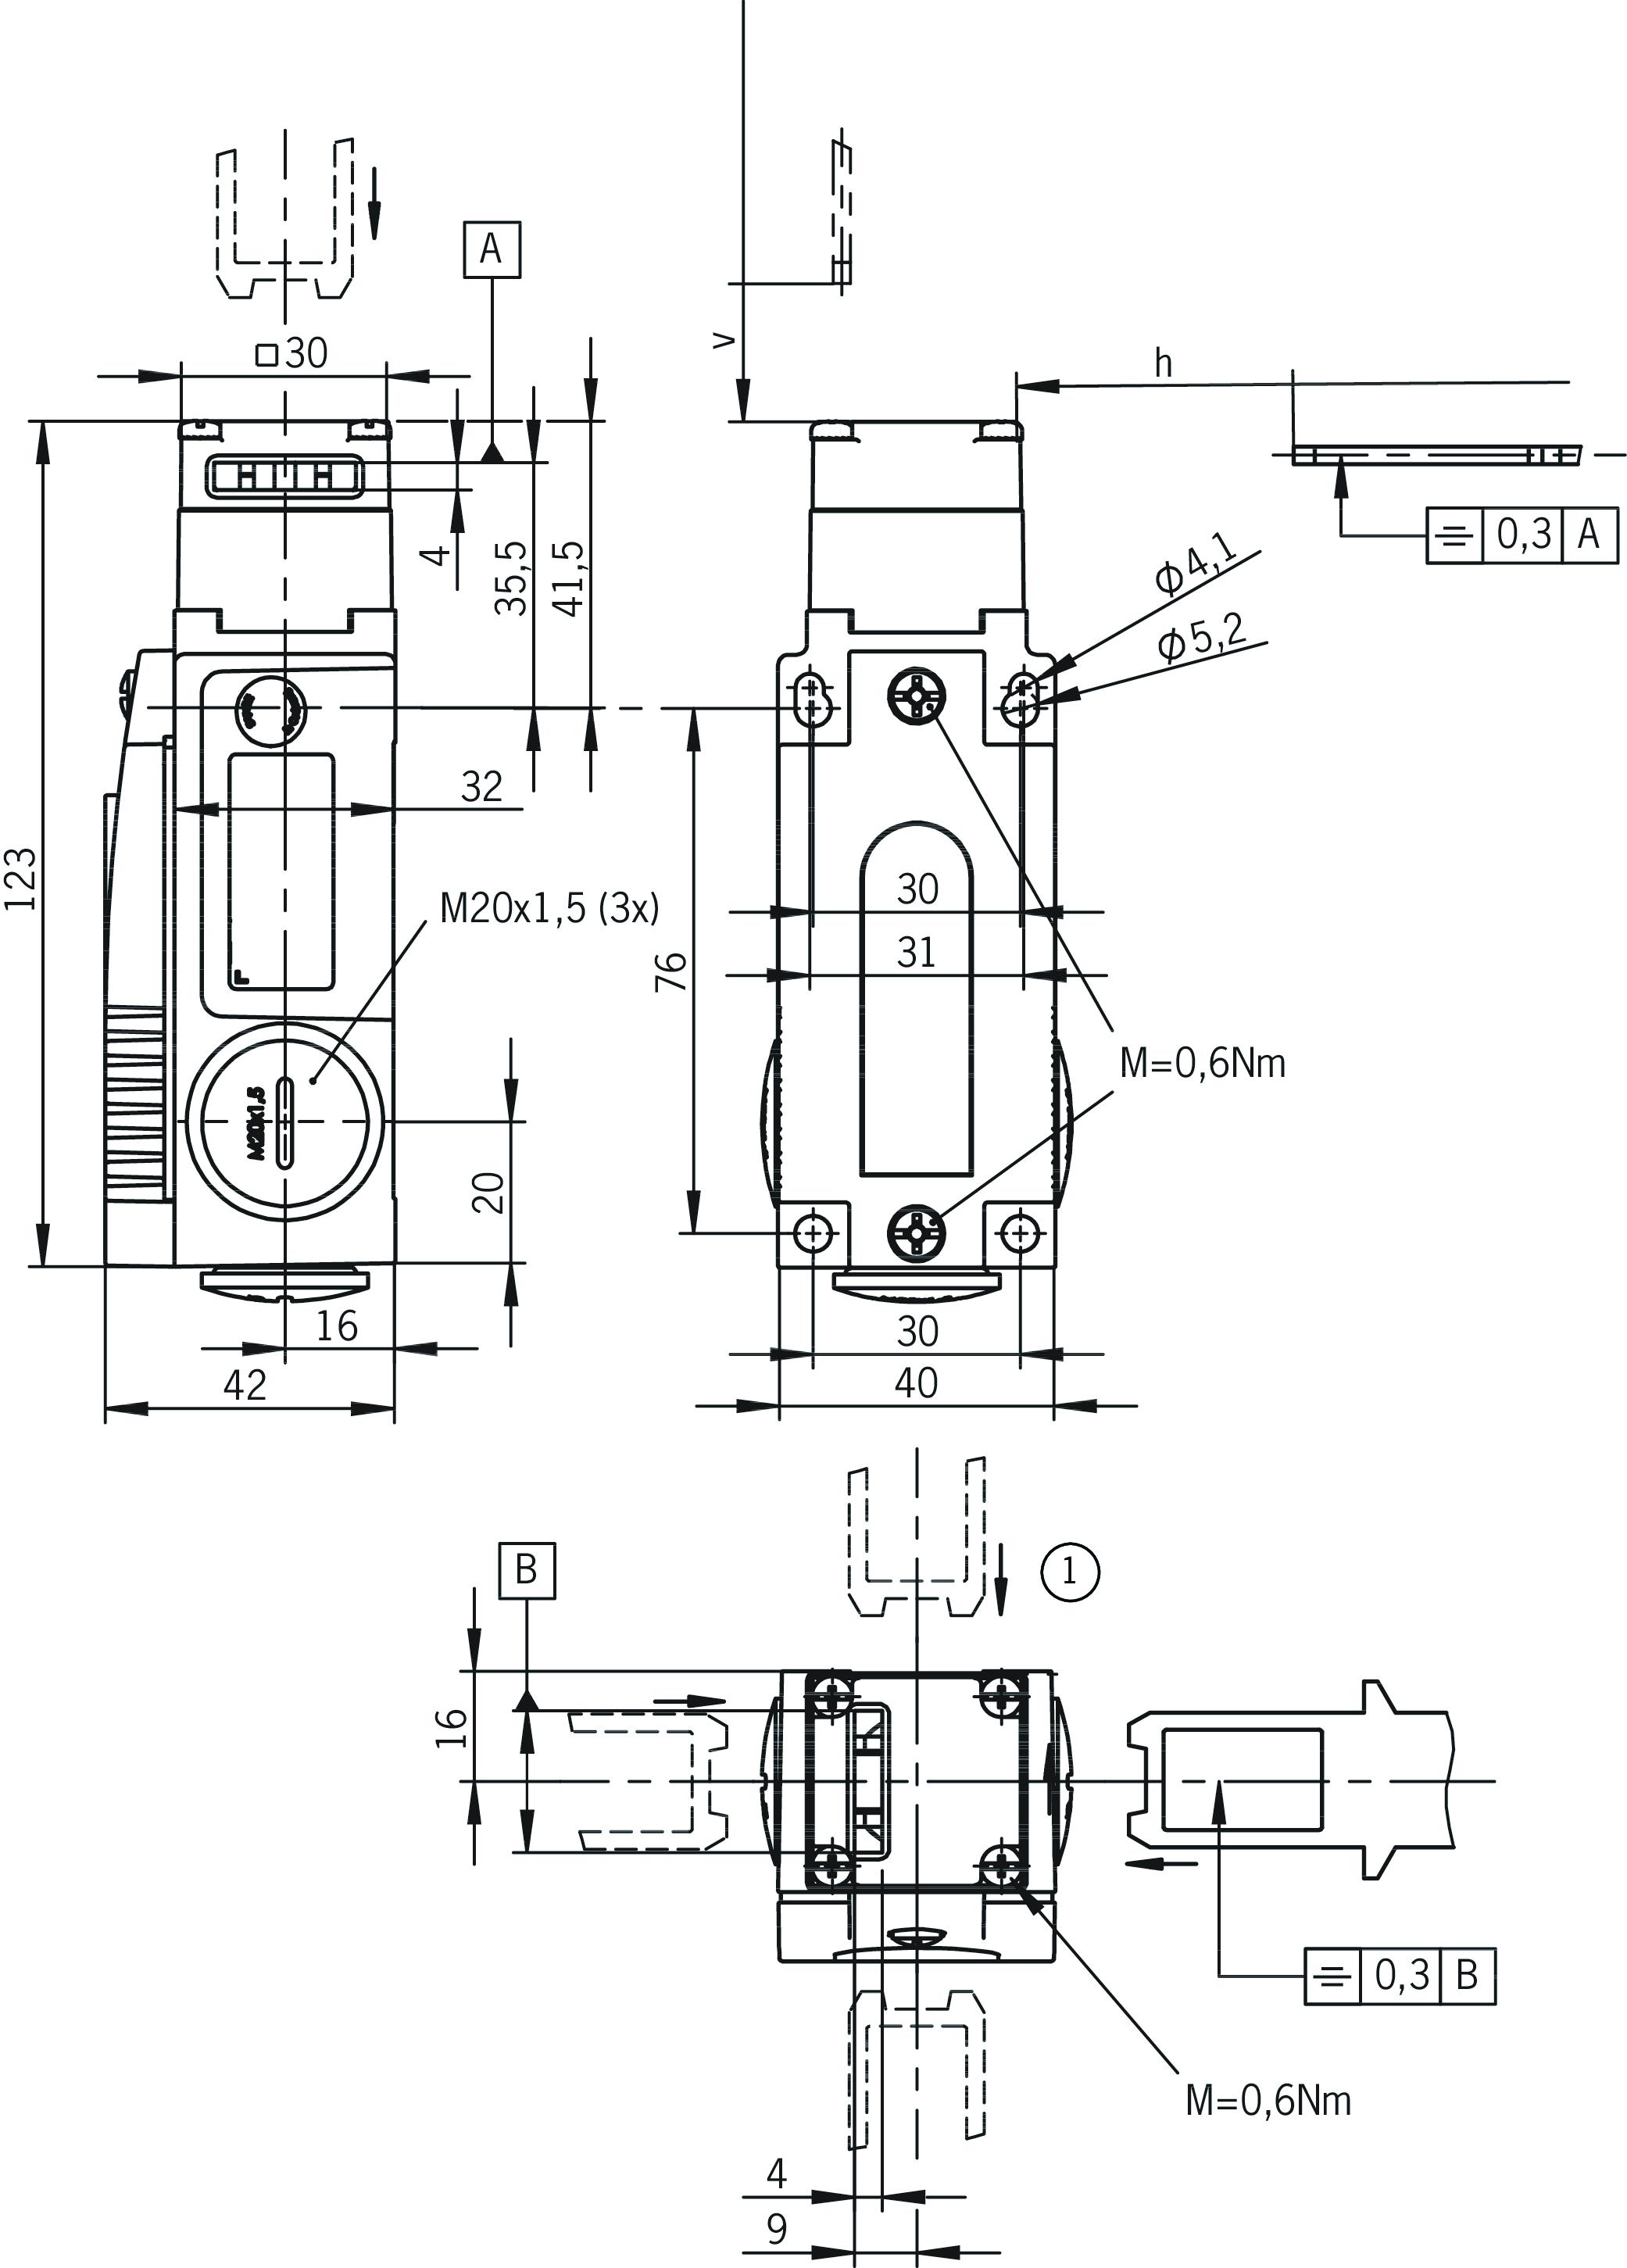 Dimension drawings